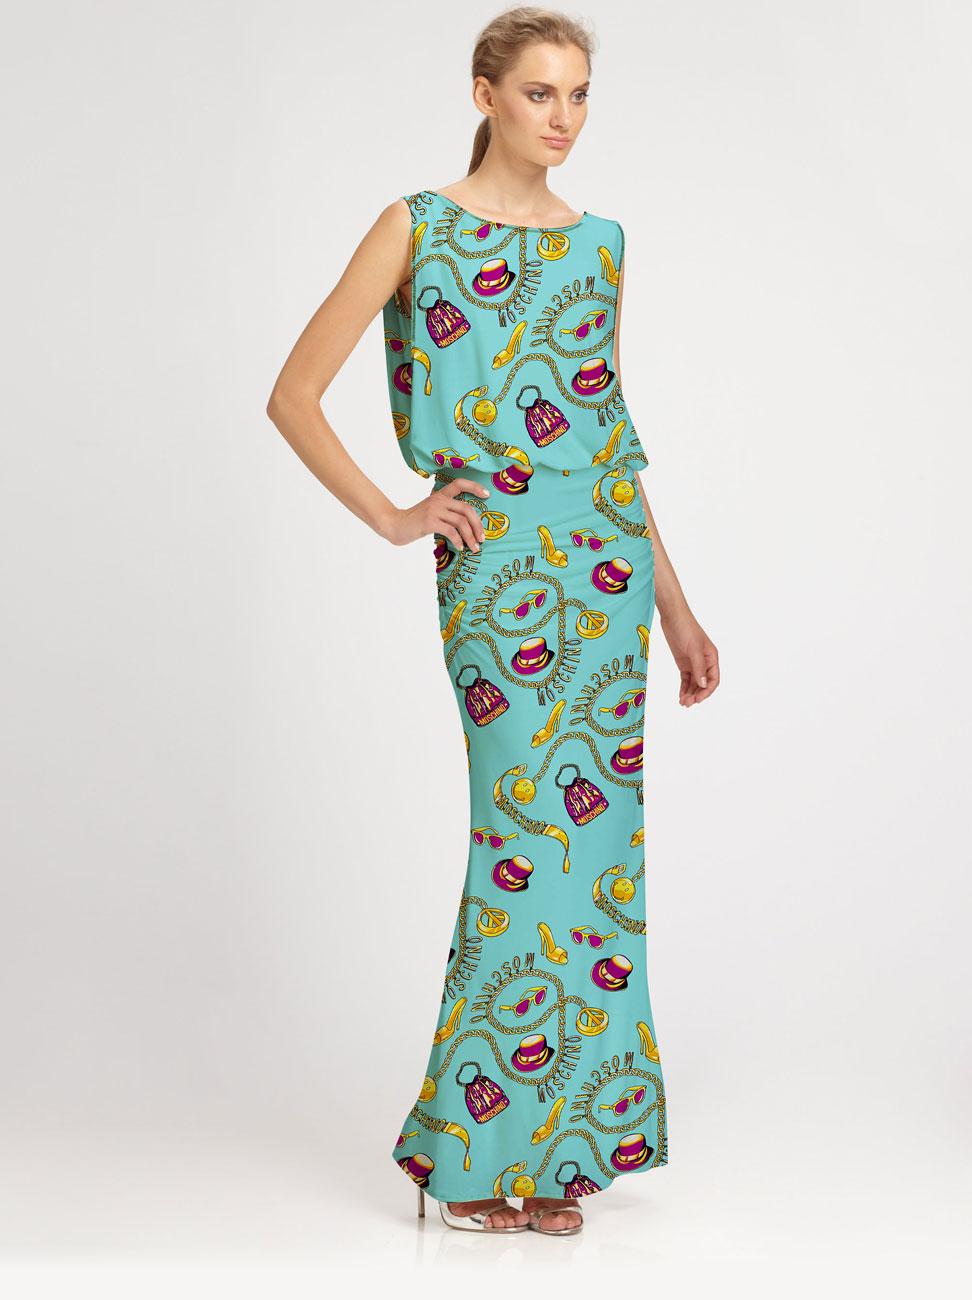 دانلود موکاپ لباس ماکسی بلند زنانه مدل 3